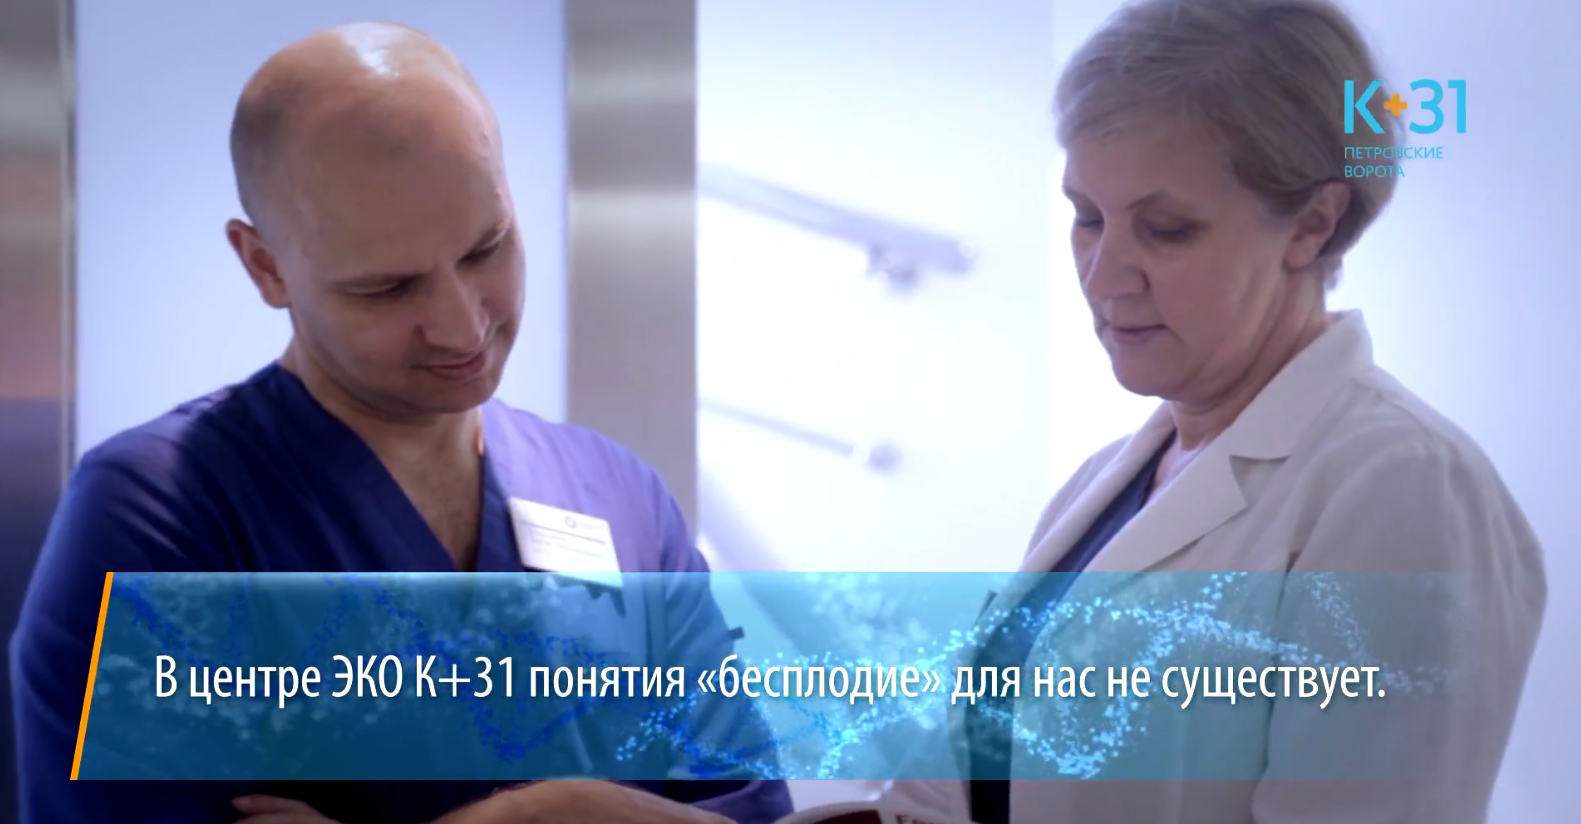 俄罗斯试管婴儿医院排名-中国朋友赴俄罗斯寻求代妈助孕求子找个靠谱医院很关键